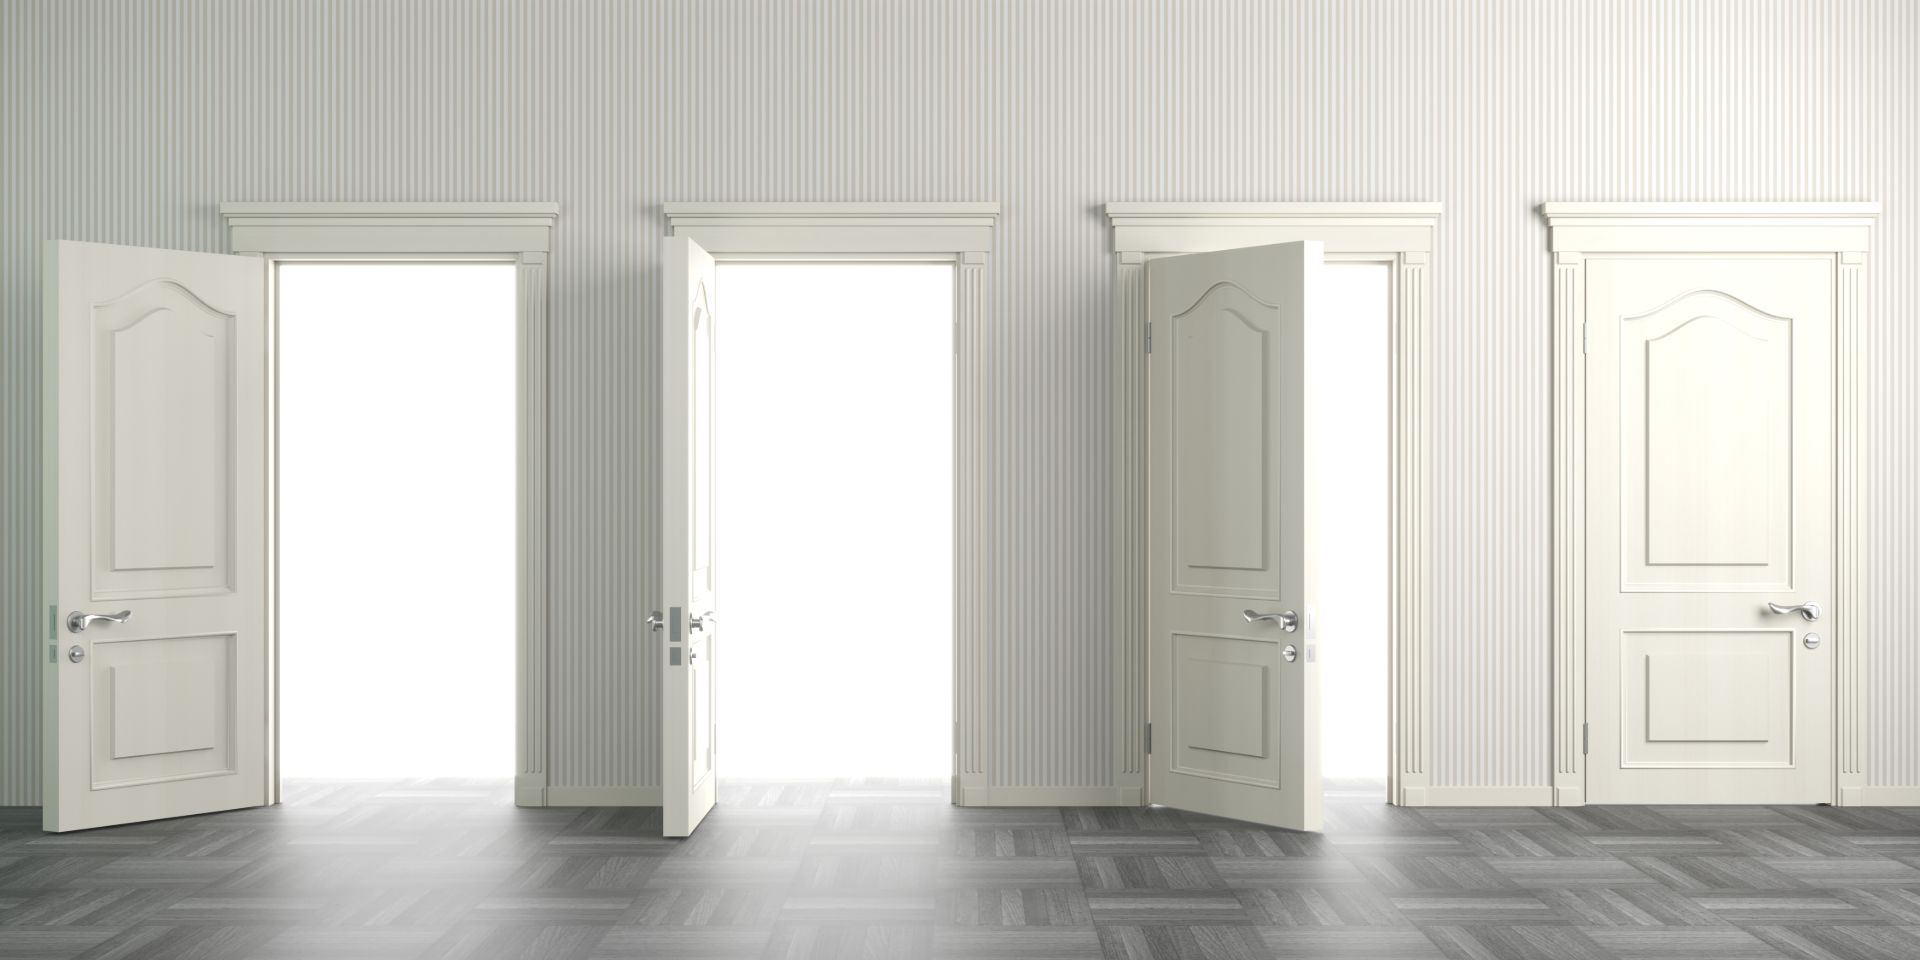 דלתות פנים במבצע בדלתות בראשית